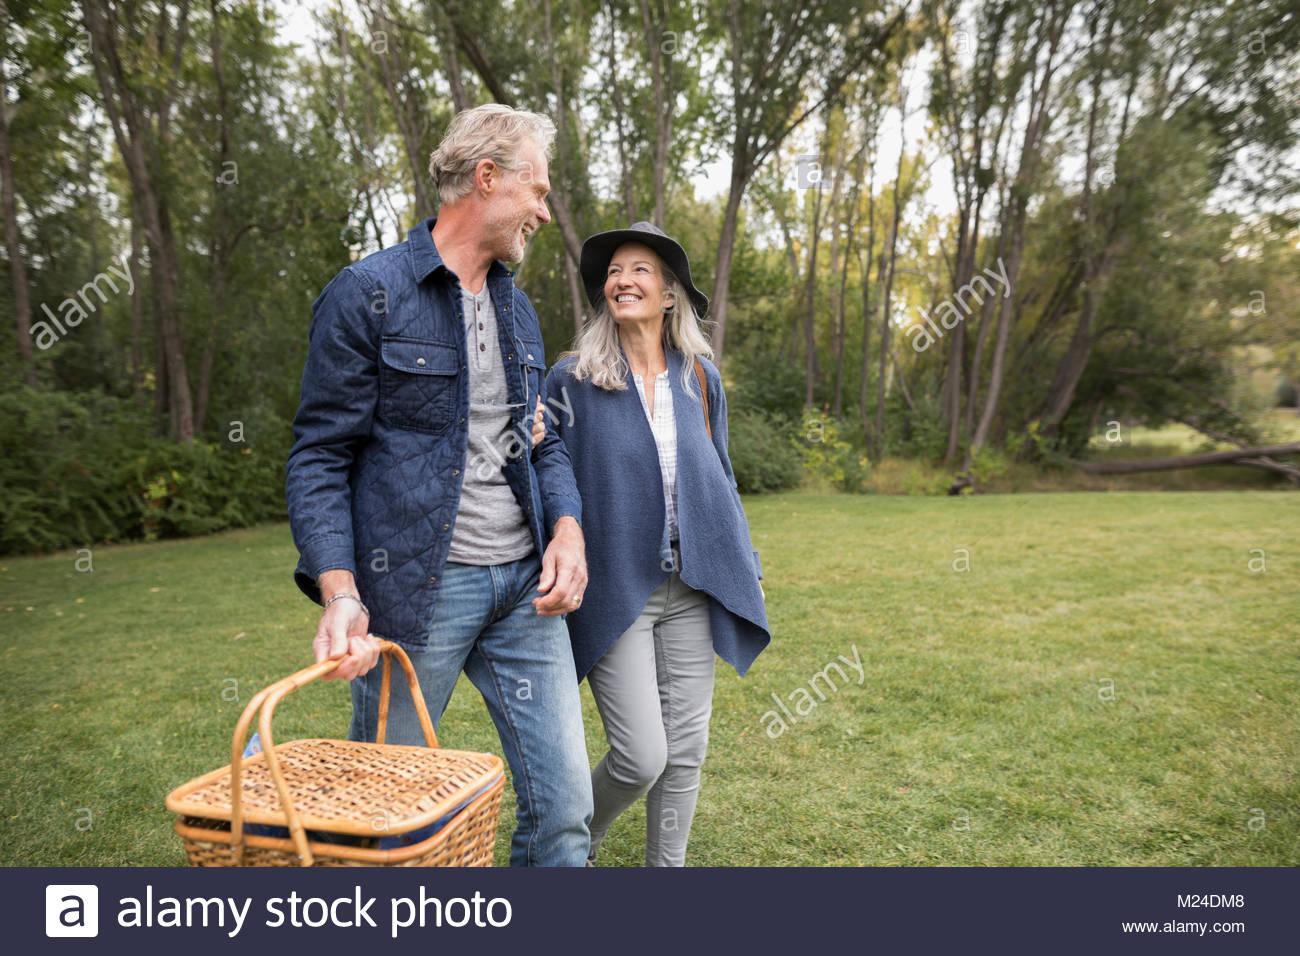 Sorridente coppia senior a piedi, portando un cestino picnic nel parco Immagini Stock